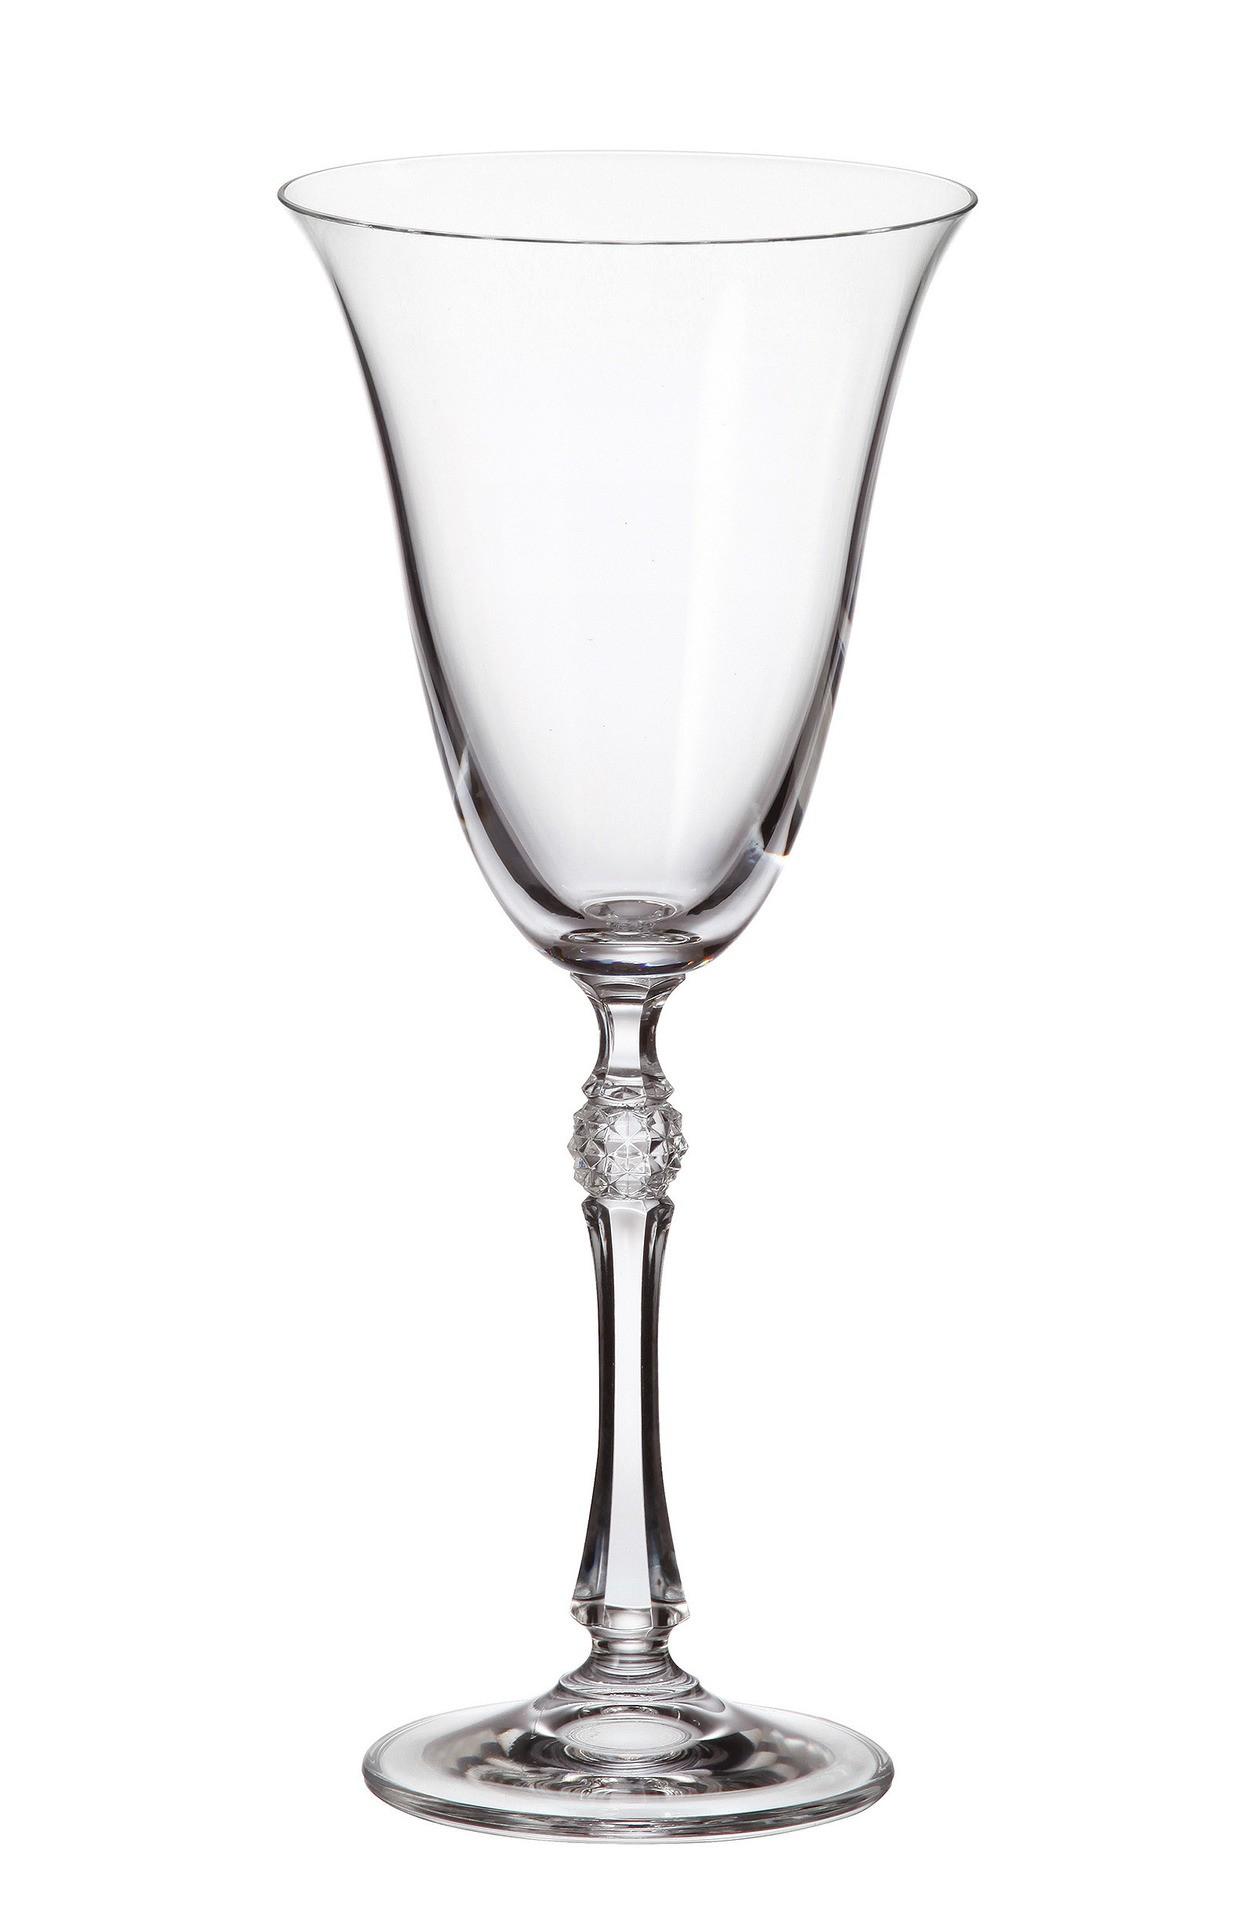 Ποτήρι Λευκού Κρασιού Σετ 6 Τμχ Κρυστάλλινο Bohemia Proxima 250ml home   ειδη σερβιρισματος   ποτήρια   kρυστάλλινα